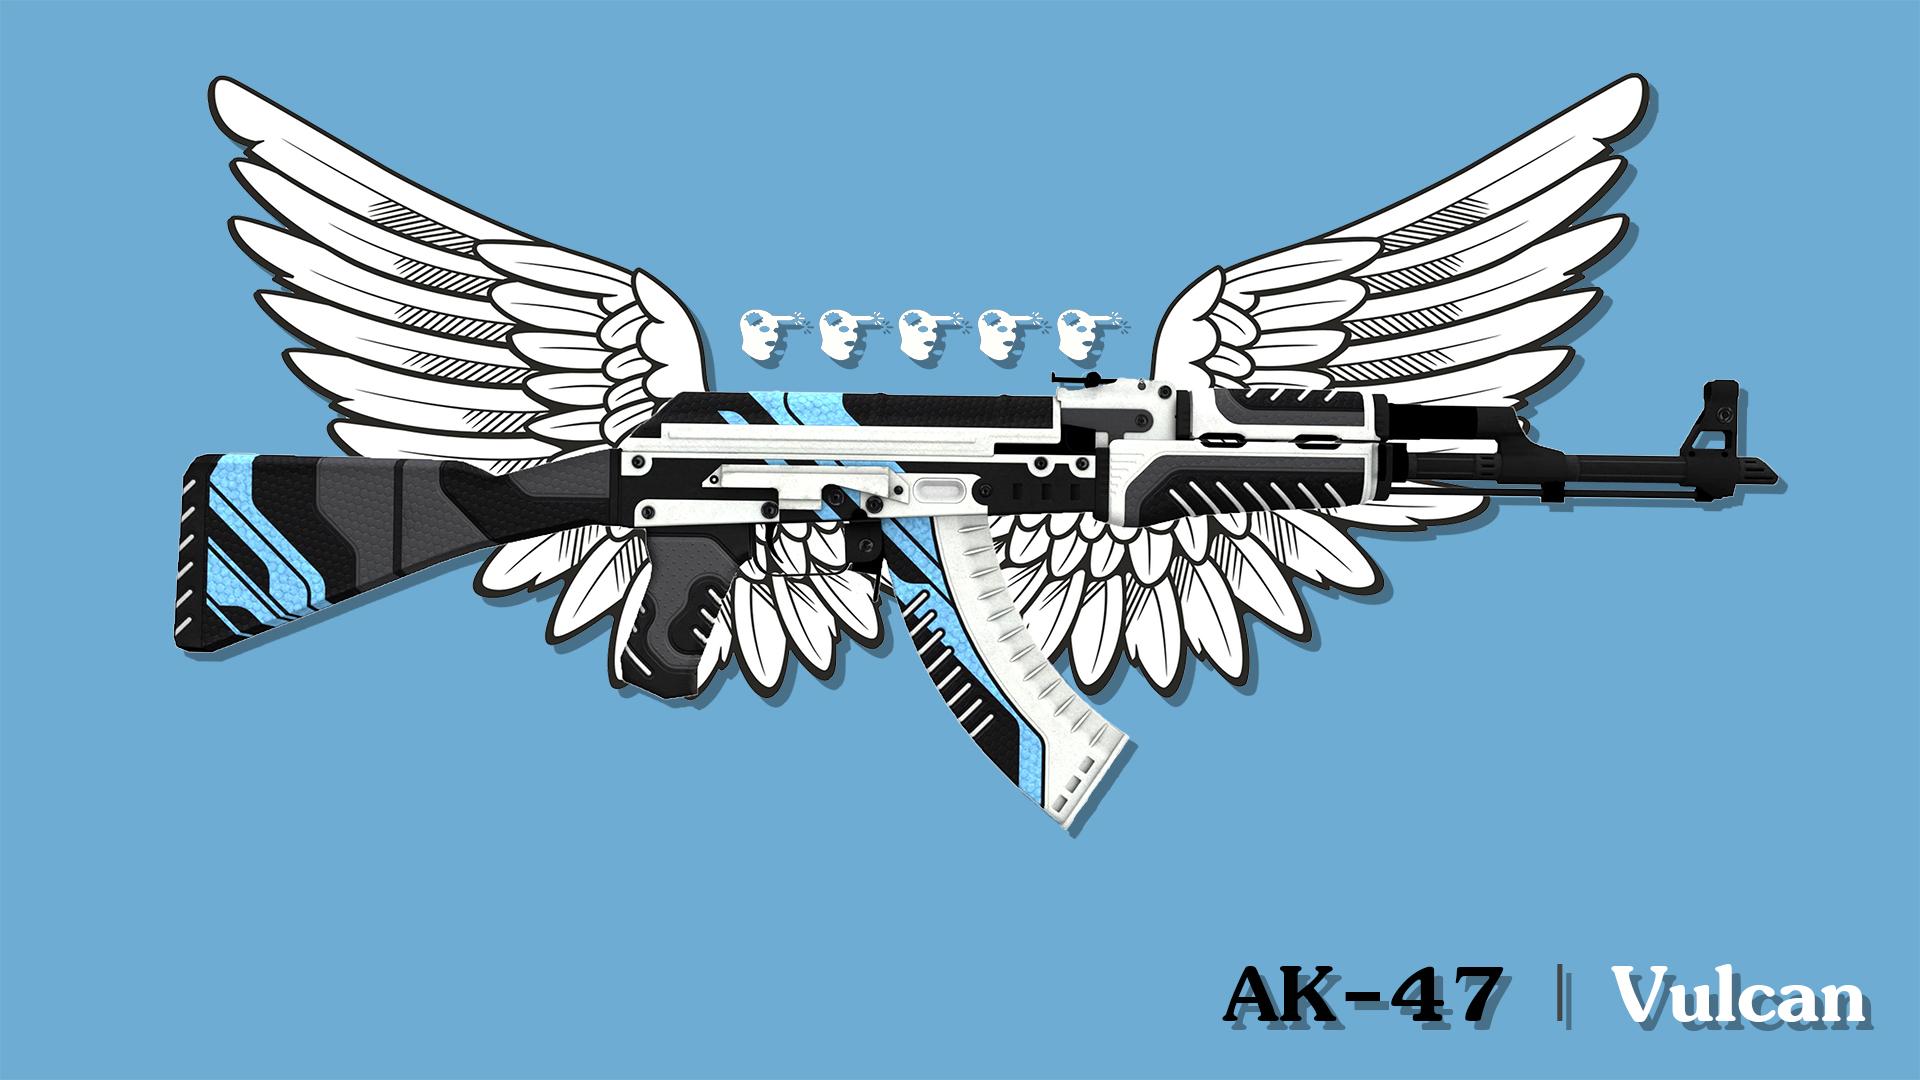 Vulcan Wallpaper - Ak 47 Vulcan Background , HD Wallpaper & Backgrounds